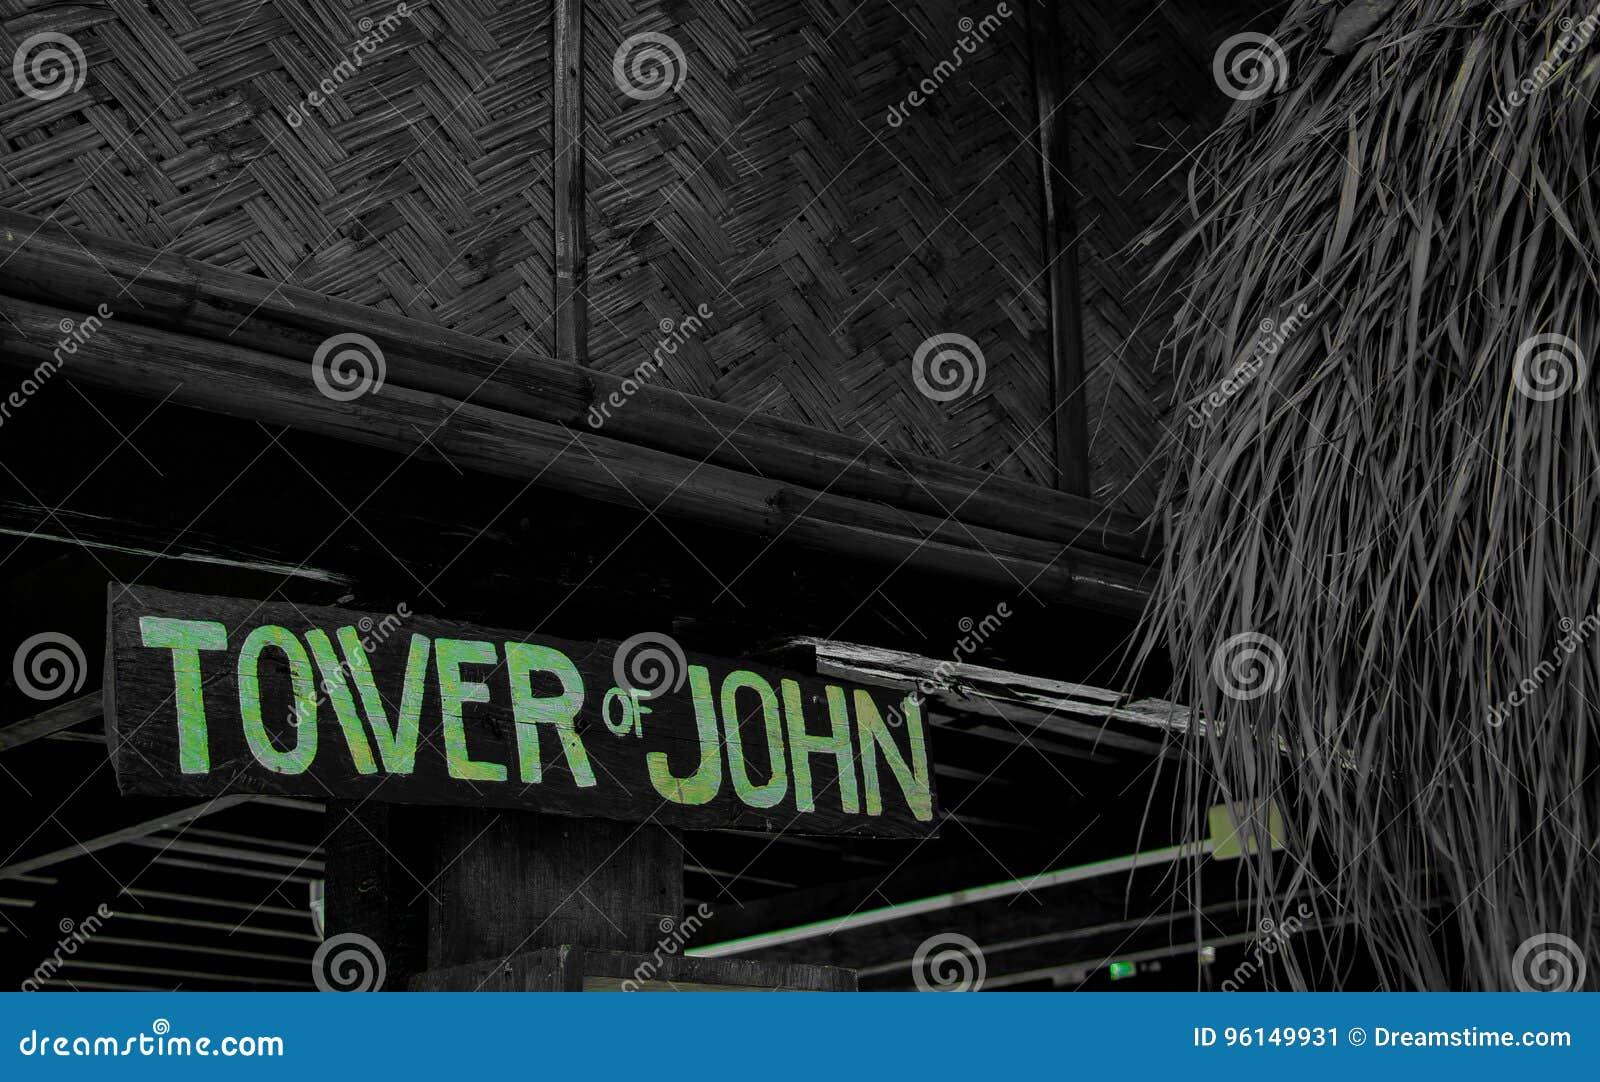 Turm von John